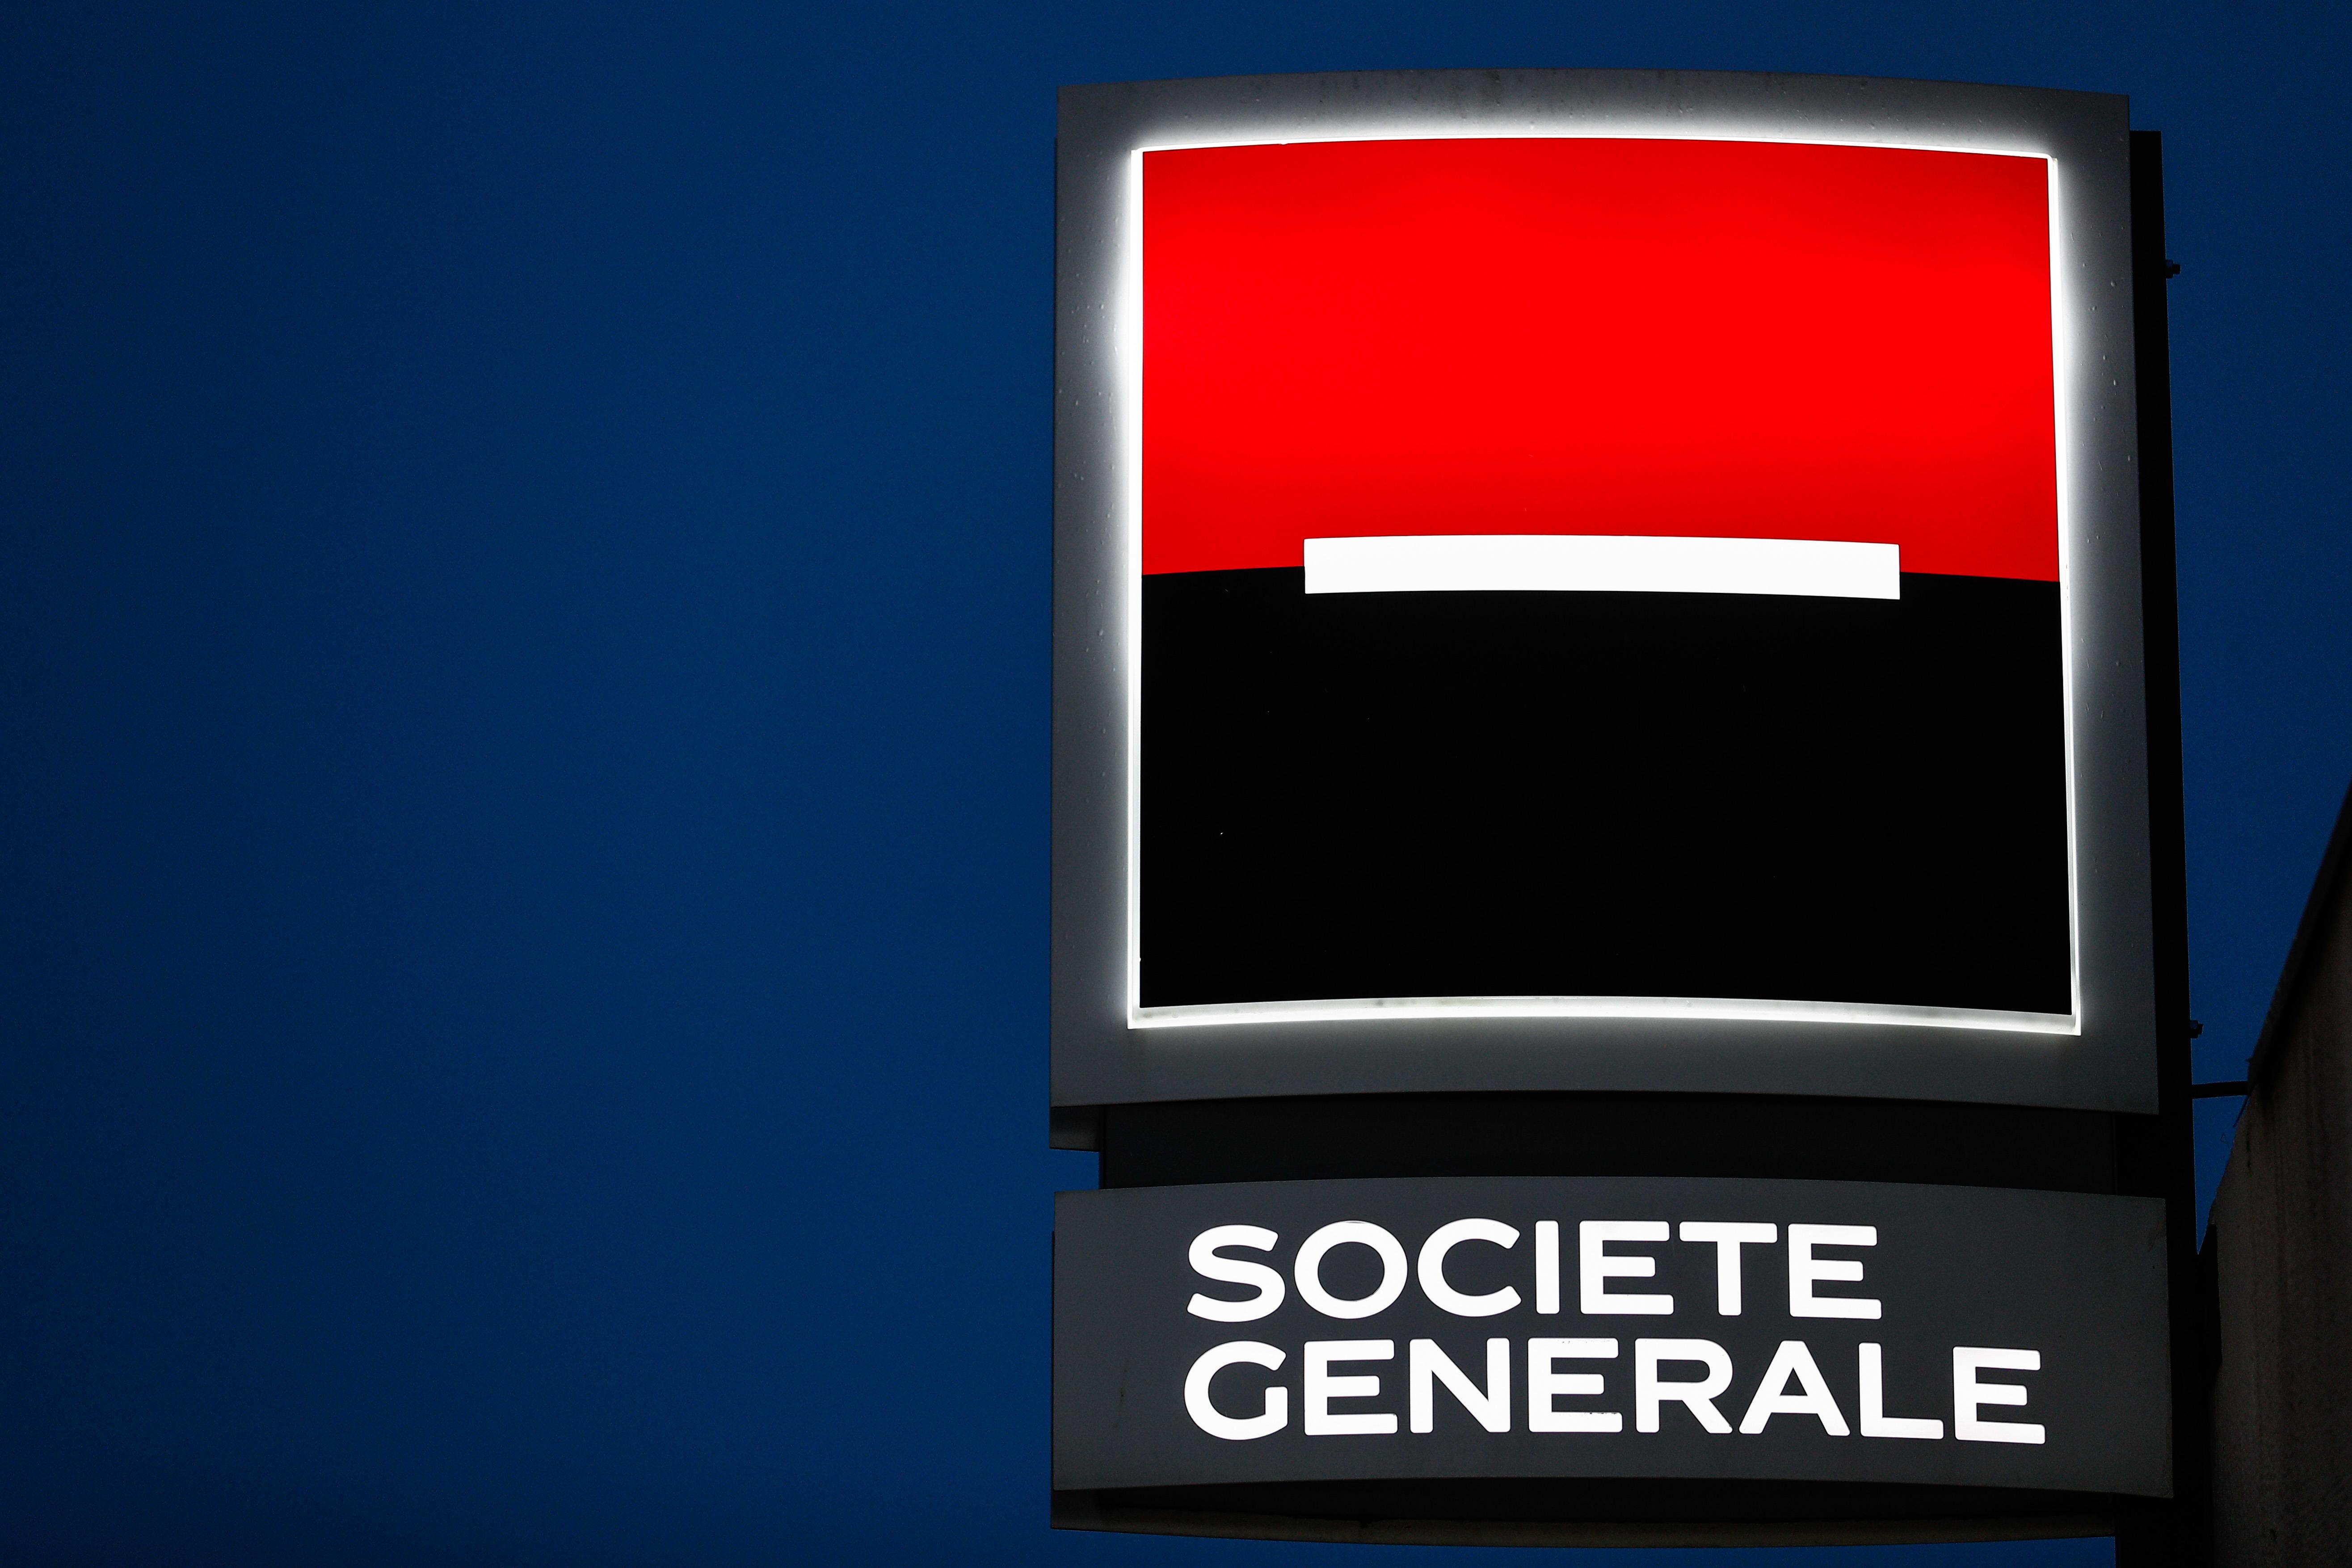 Société Revenus généraux T4 2020